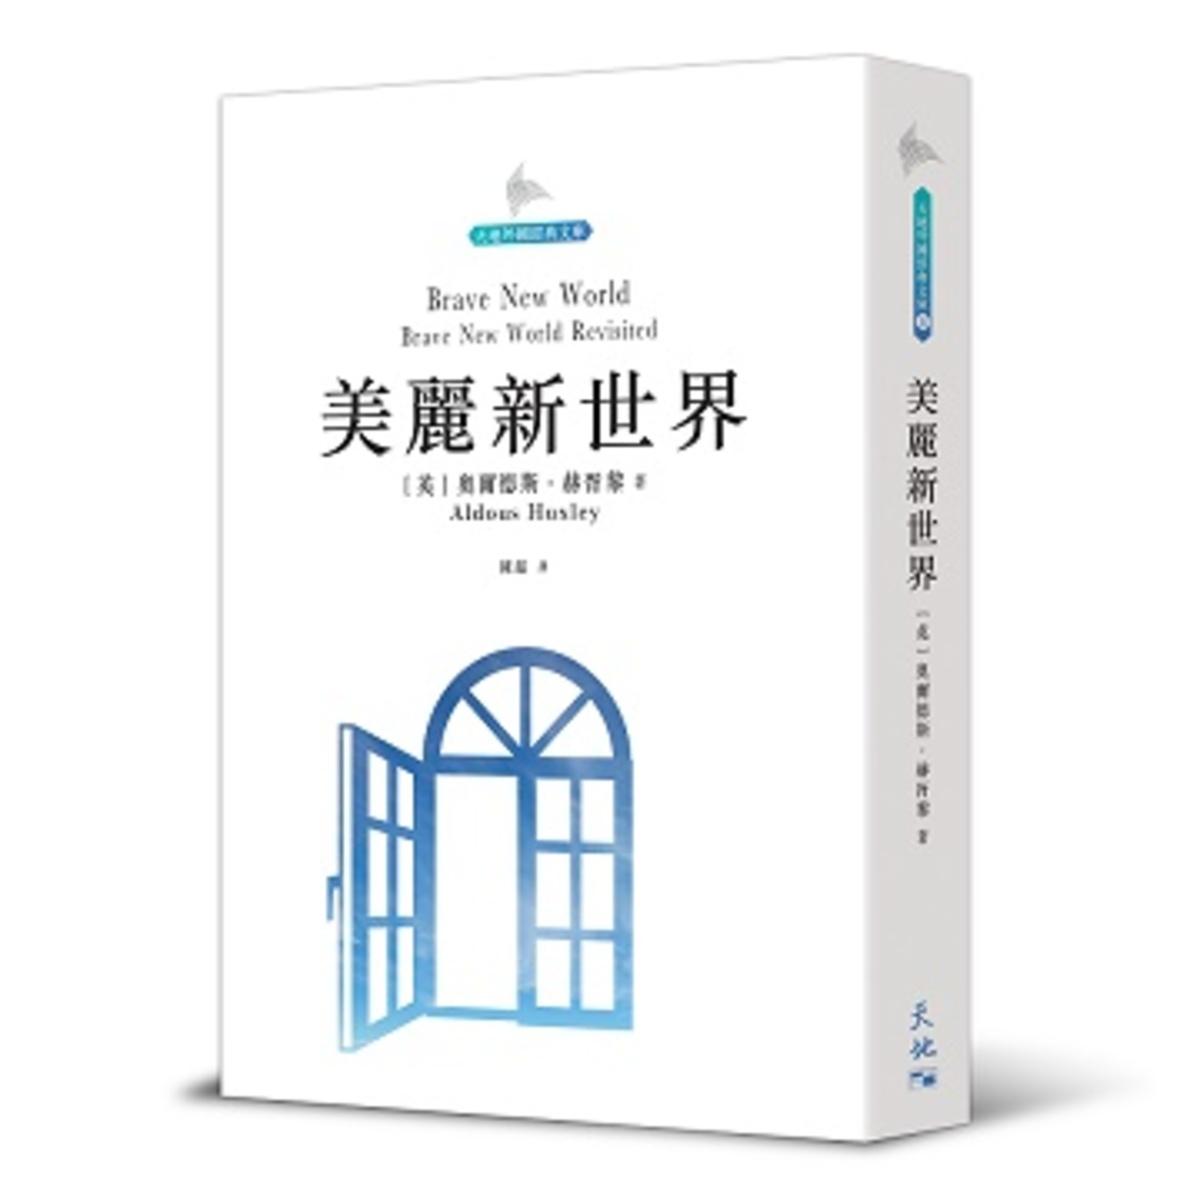 美麗新世界(天地外國經典文庫) | (英)奧爾德斯.赫胥黎